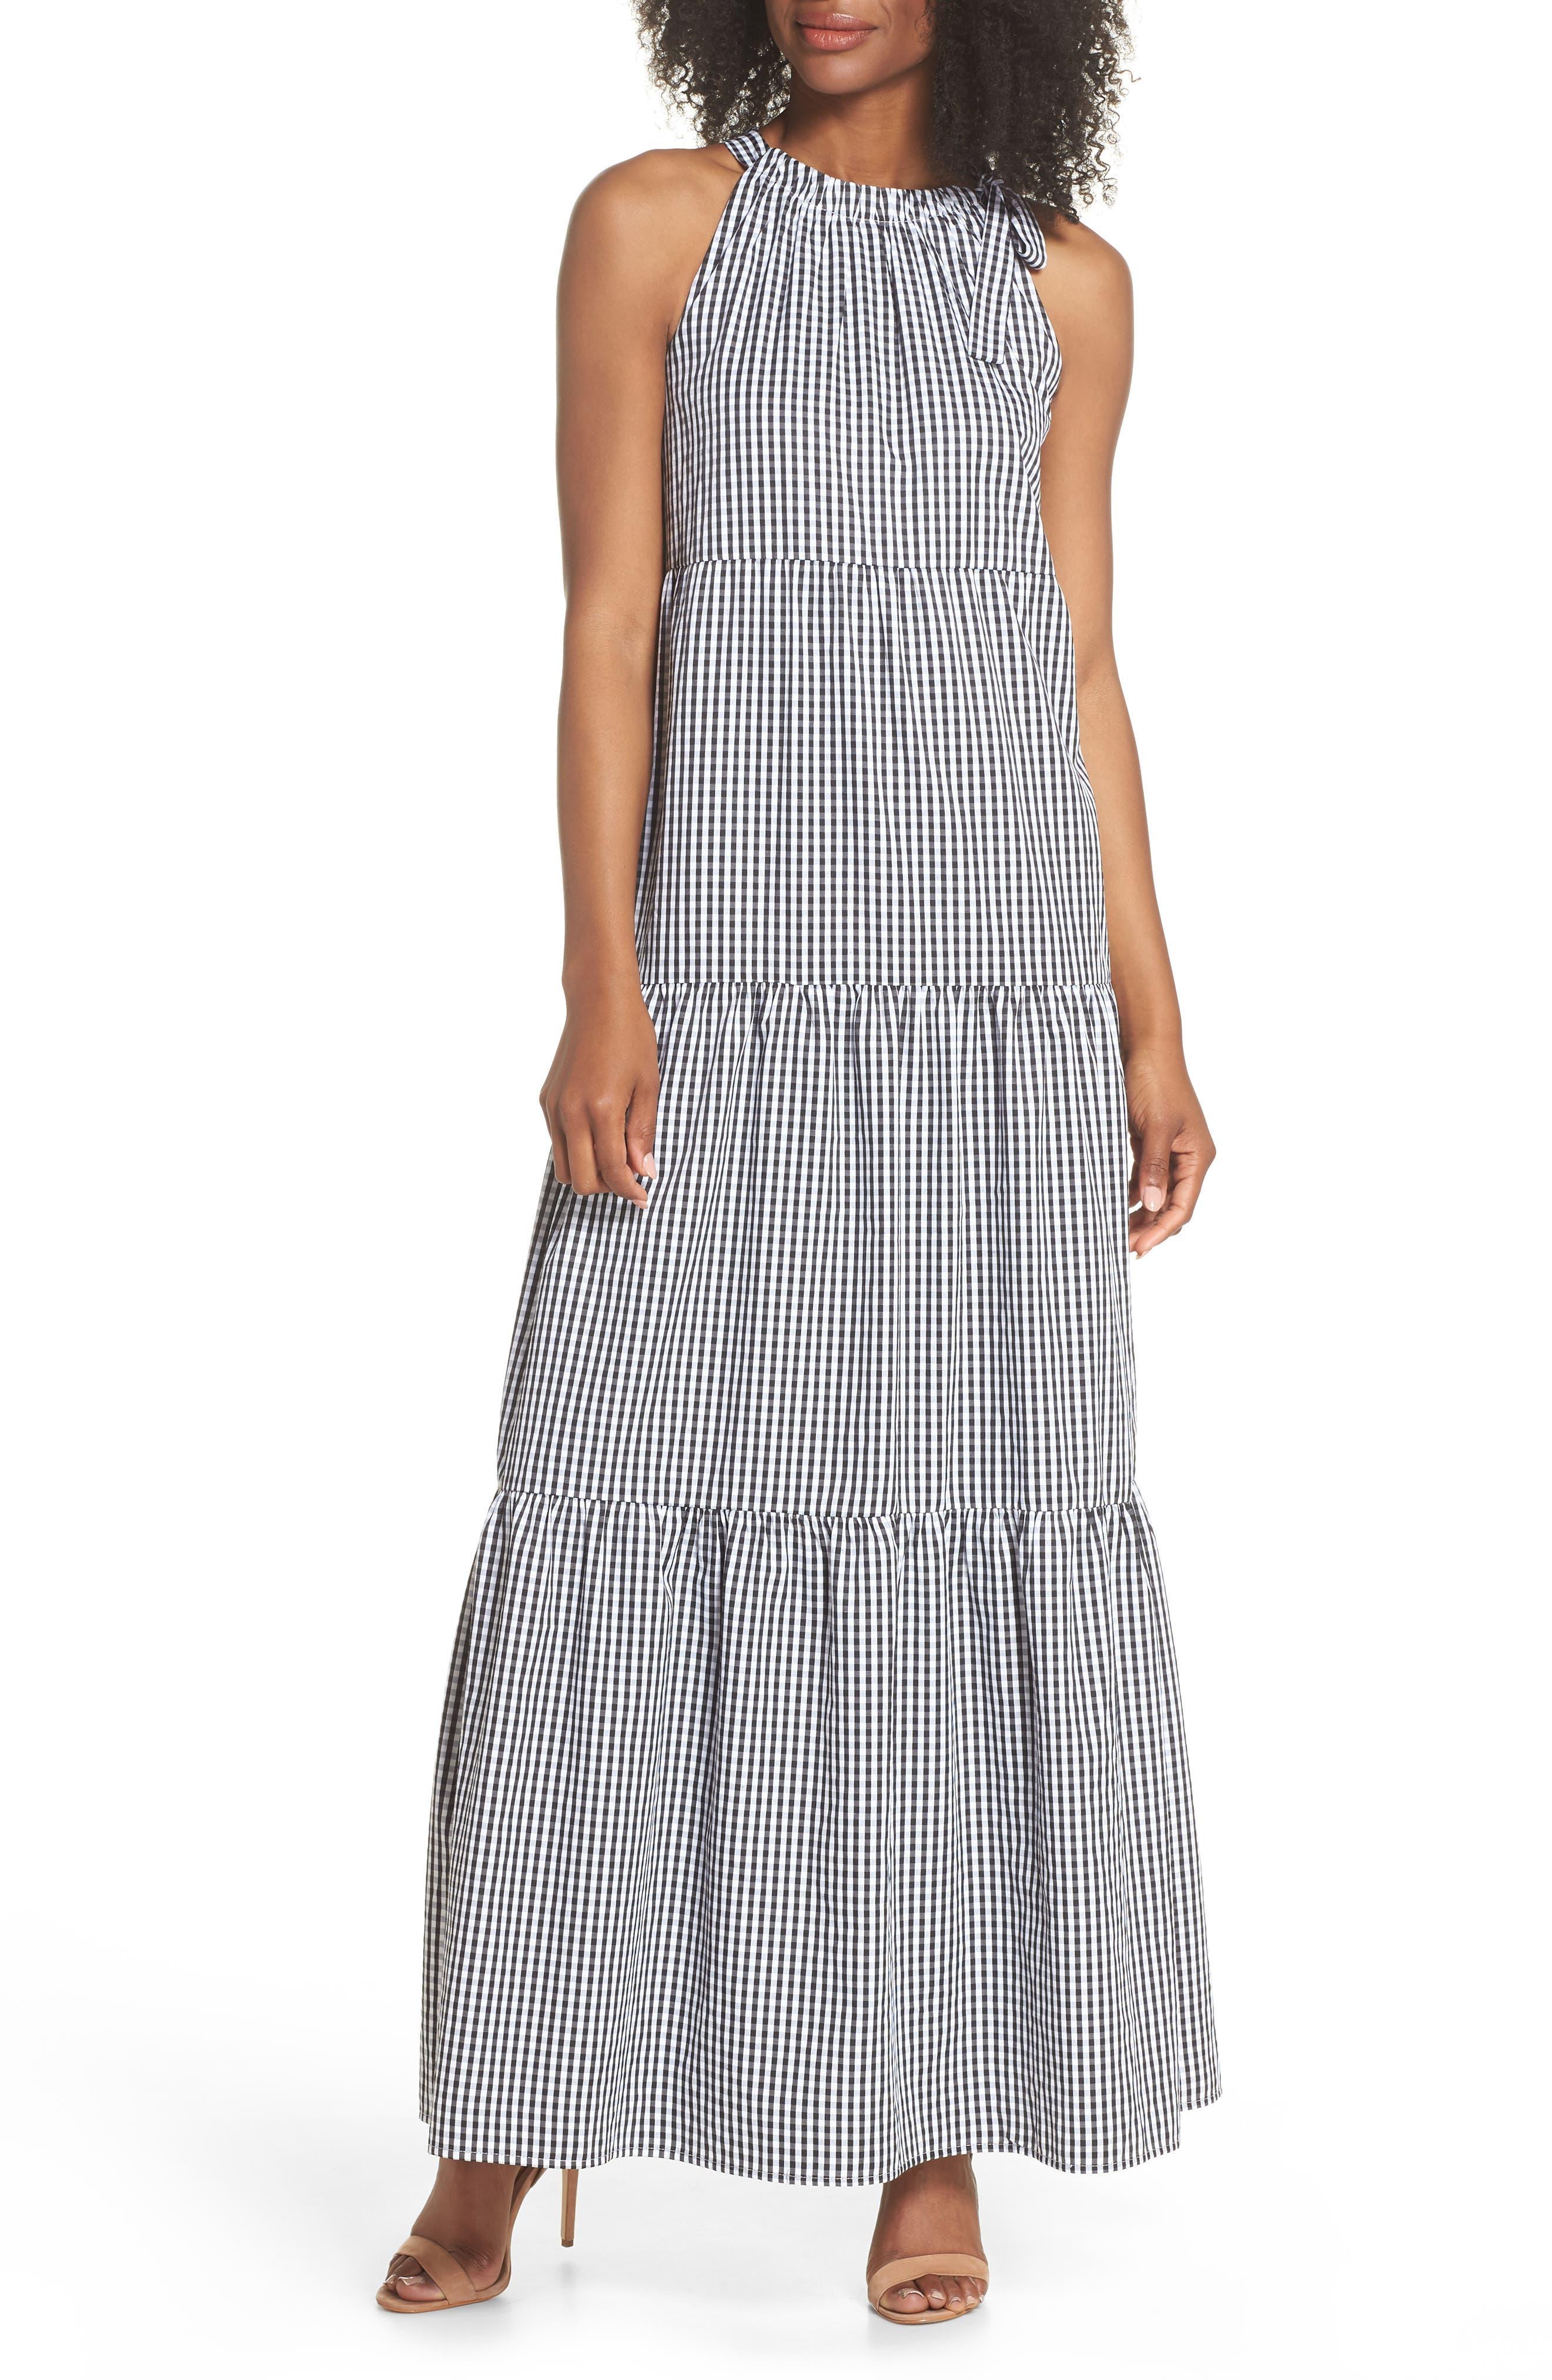 Gingham Check Maxi Dress,                             Main thumbnail 1, color,                             100